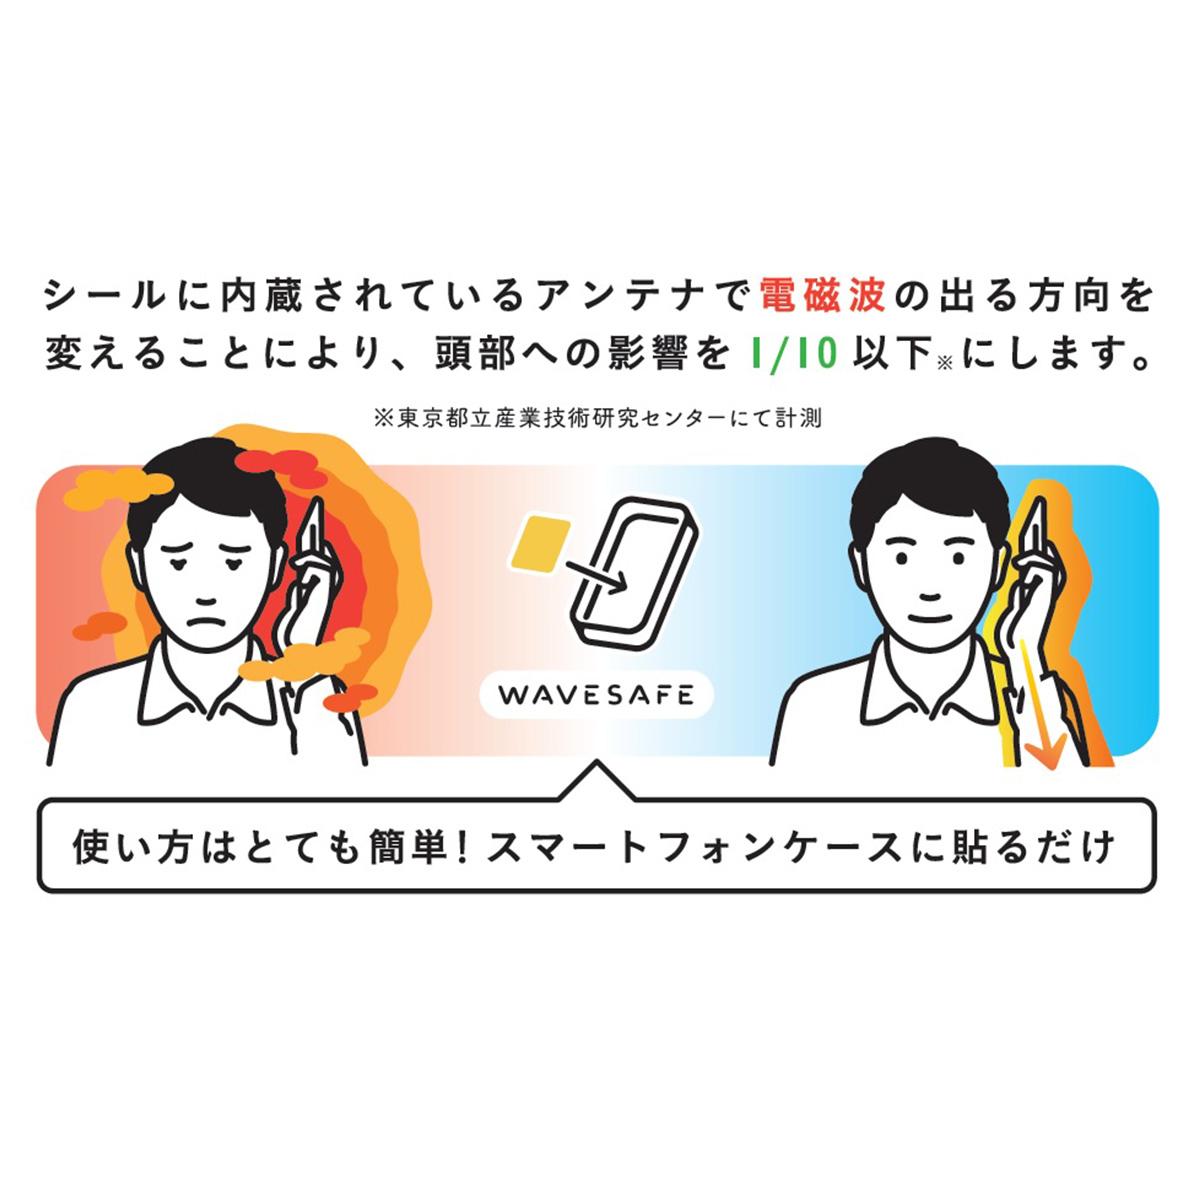 スマホ 電磁波防止 シール WAVESAFE(ウェーブセーフ)スマートフォン 電磁波カット 電磁波防止 電磁波シールド